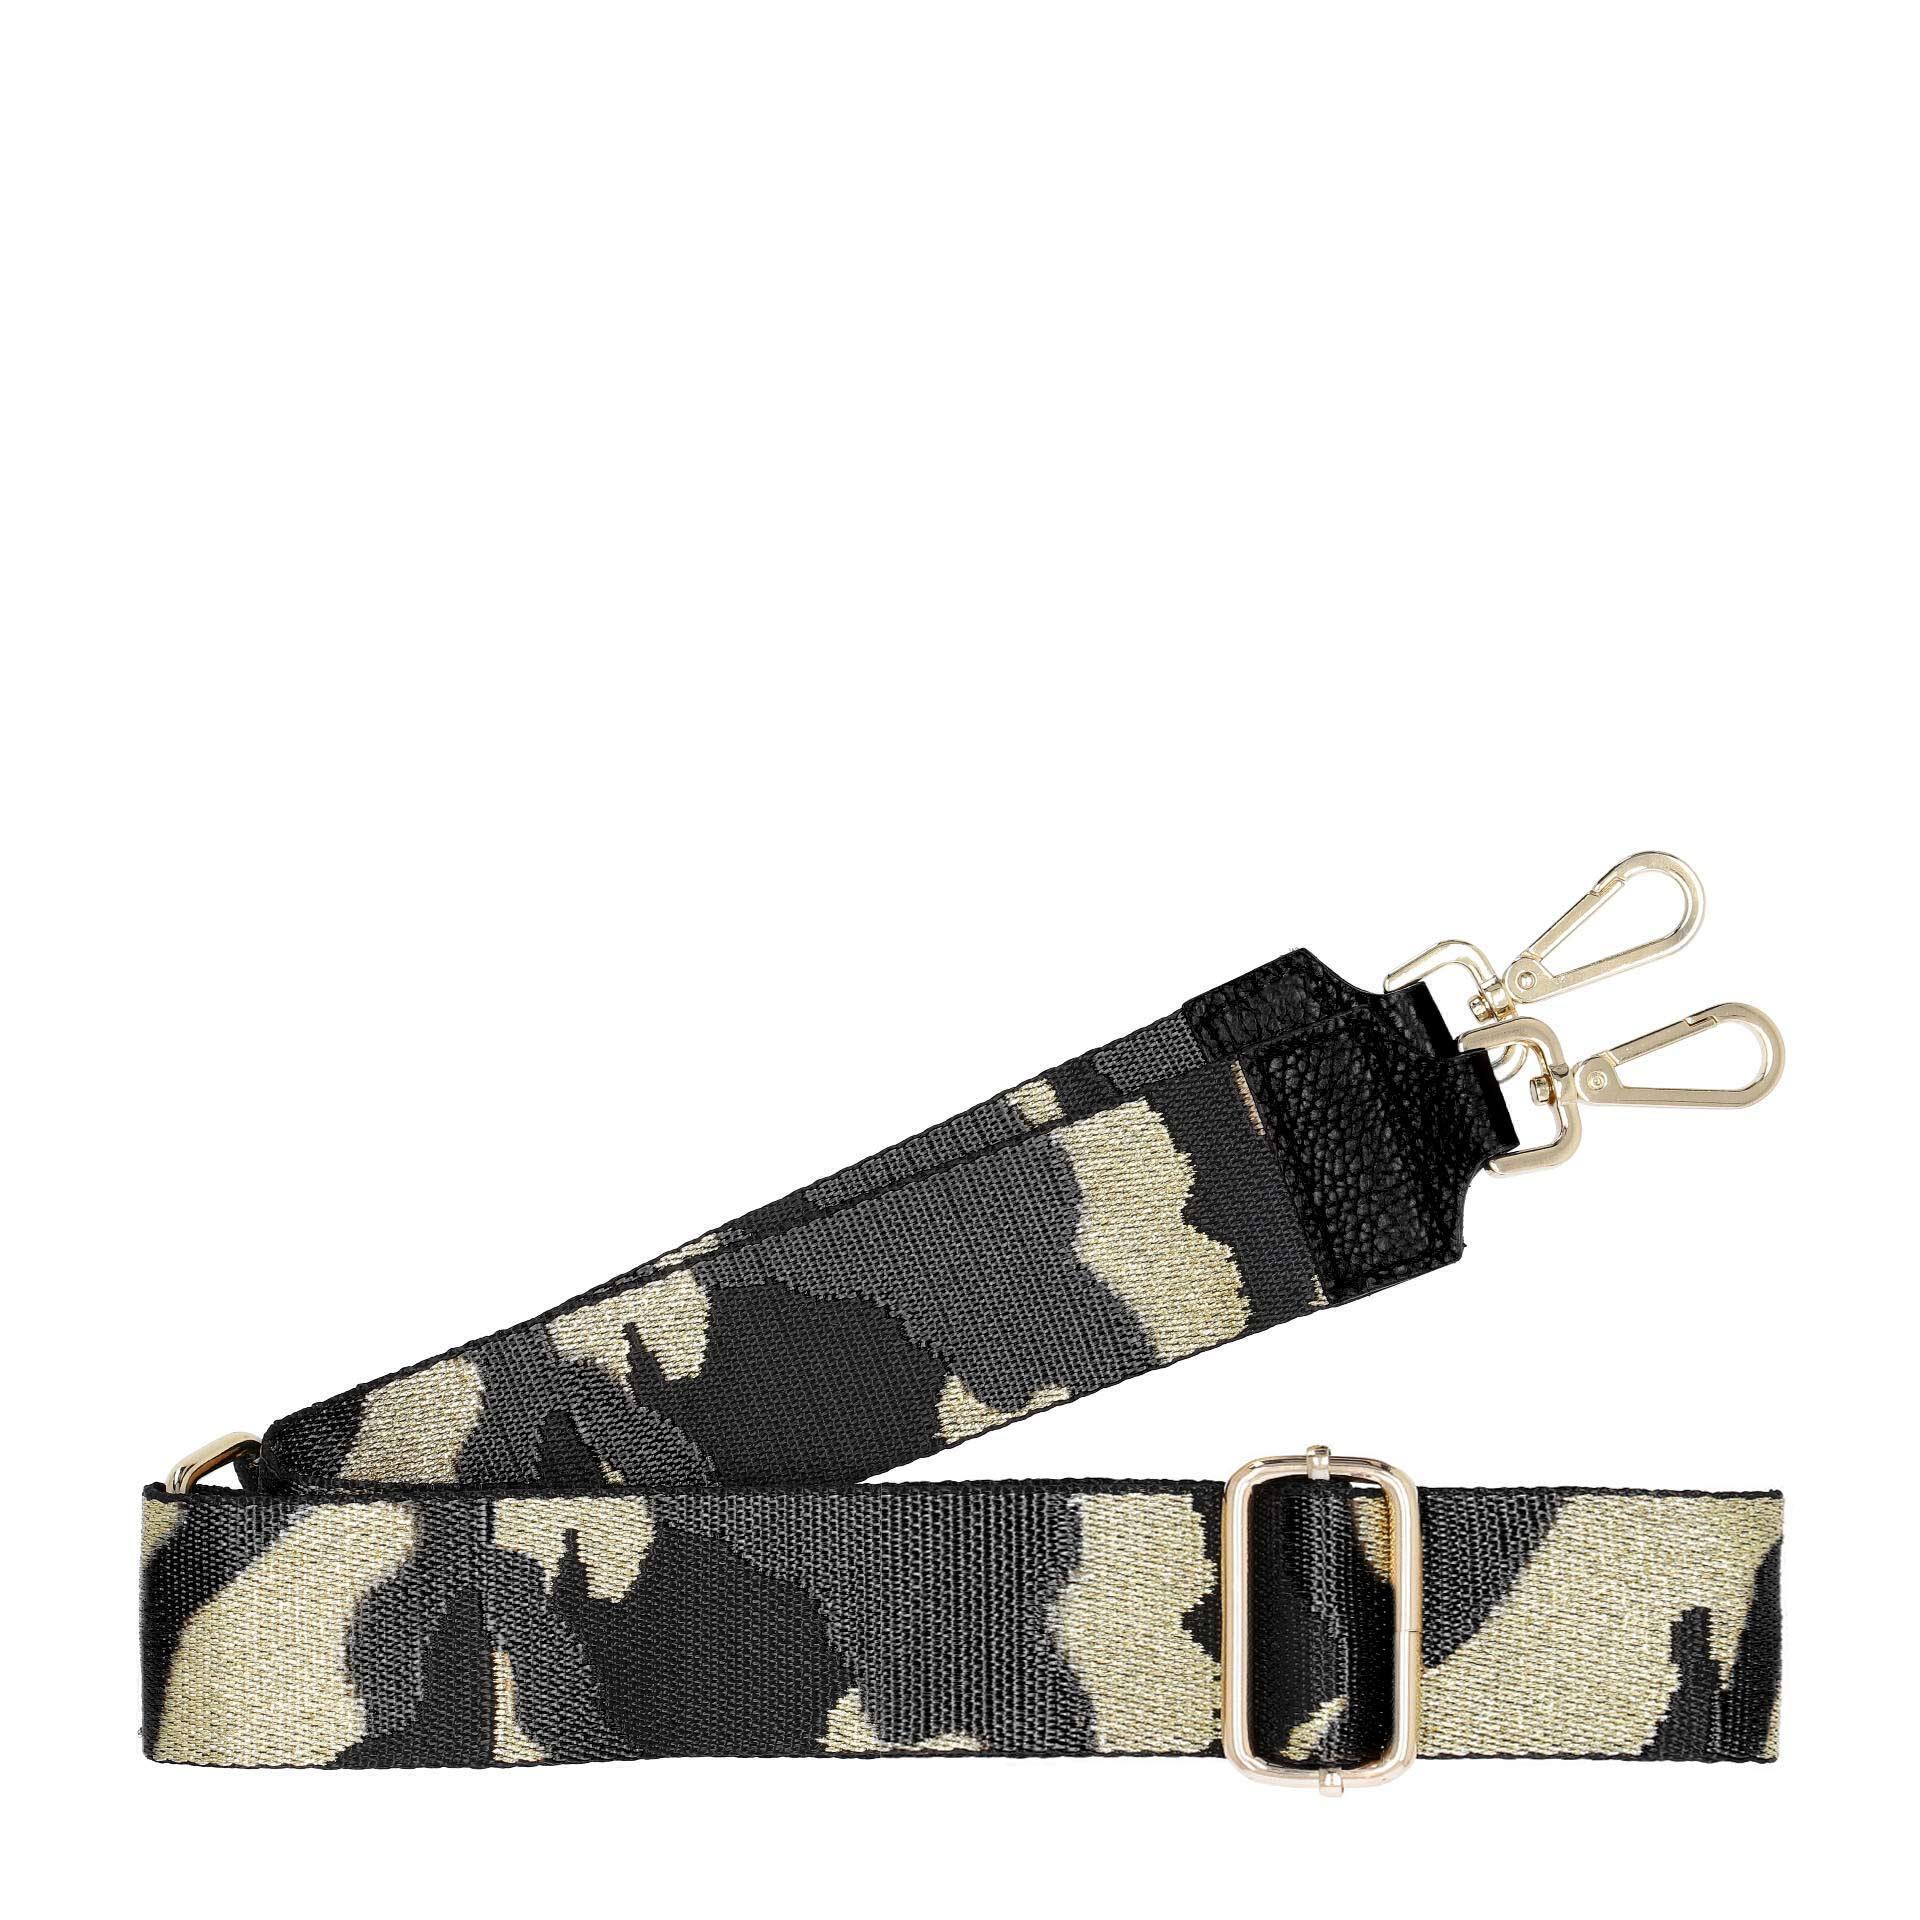 LEOKA Neobag Schulter Strap Camouflage schwarz